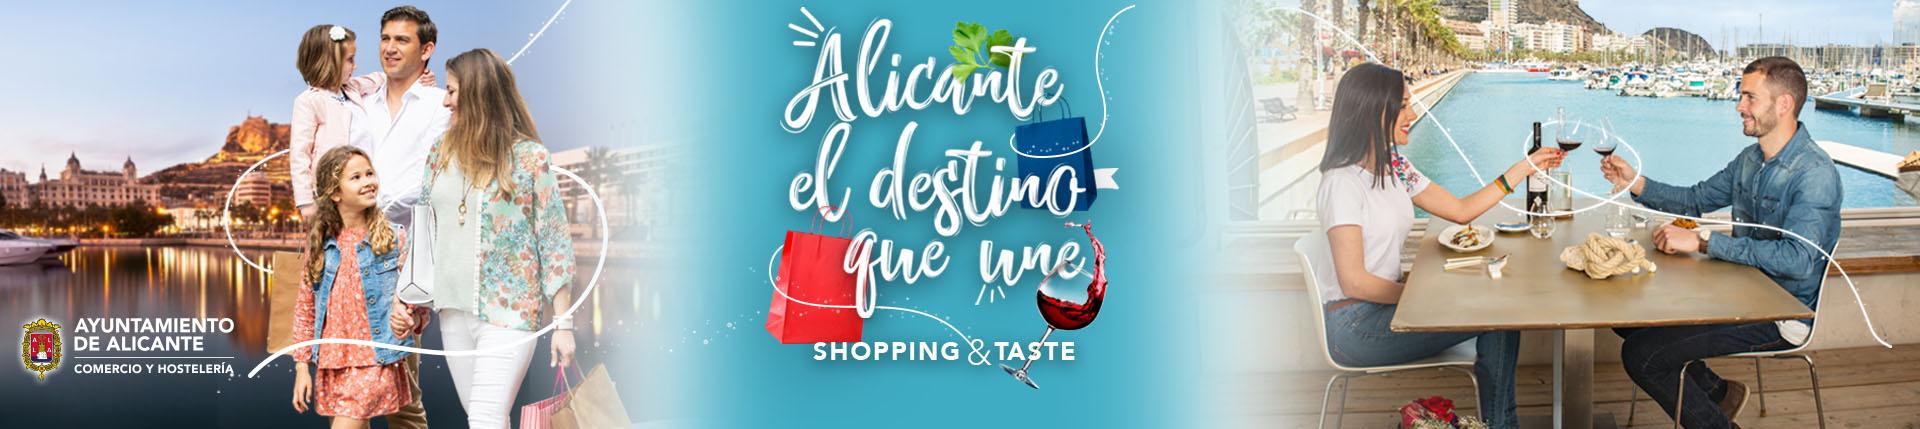 Alicante el destino que une - SHOPPING & TASTE